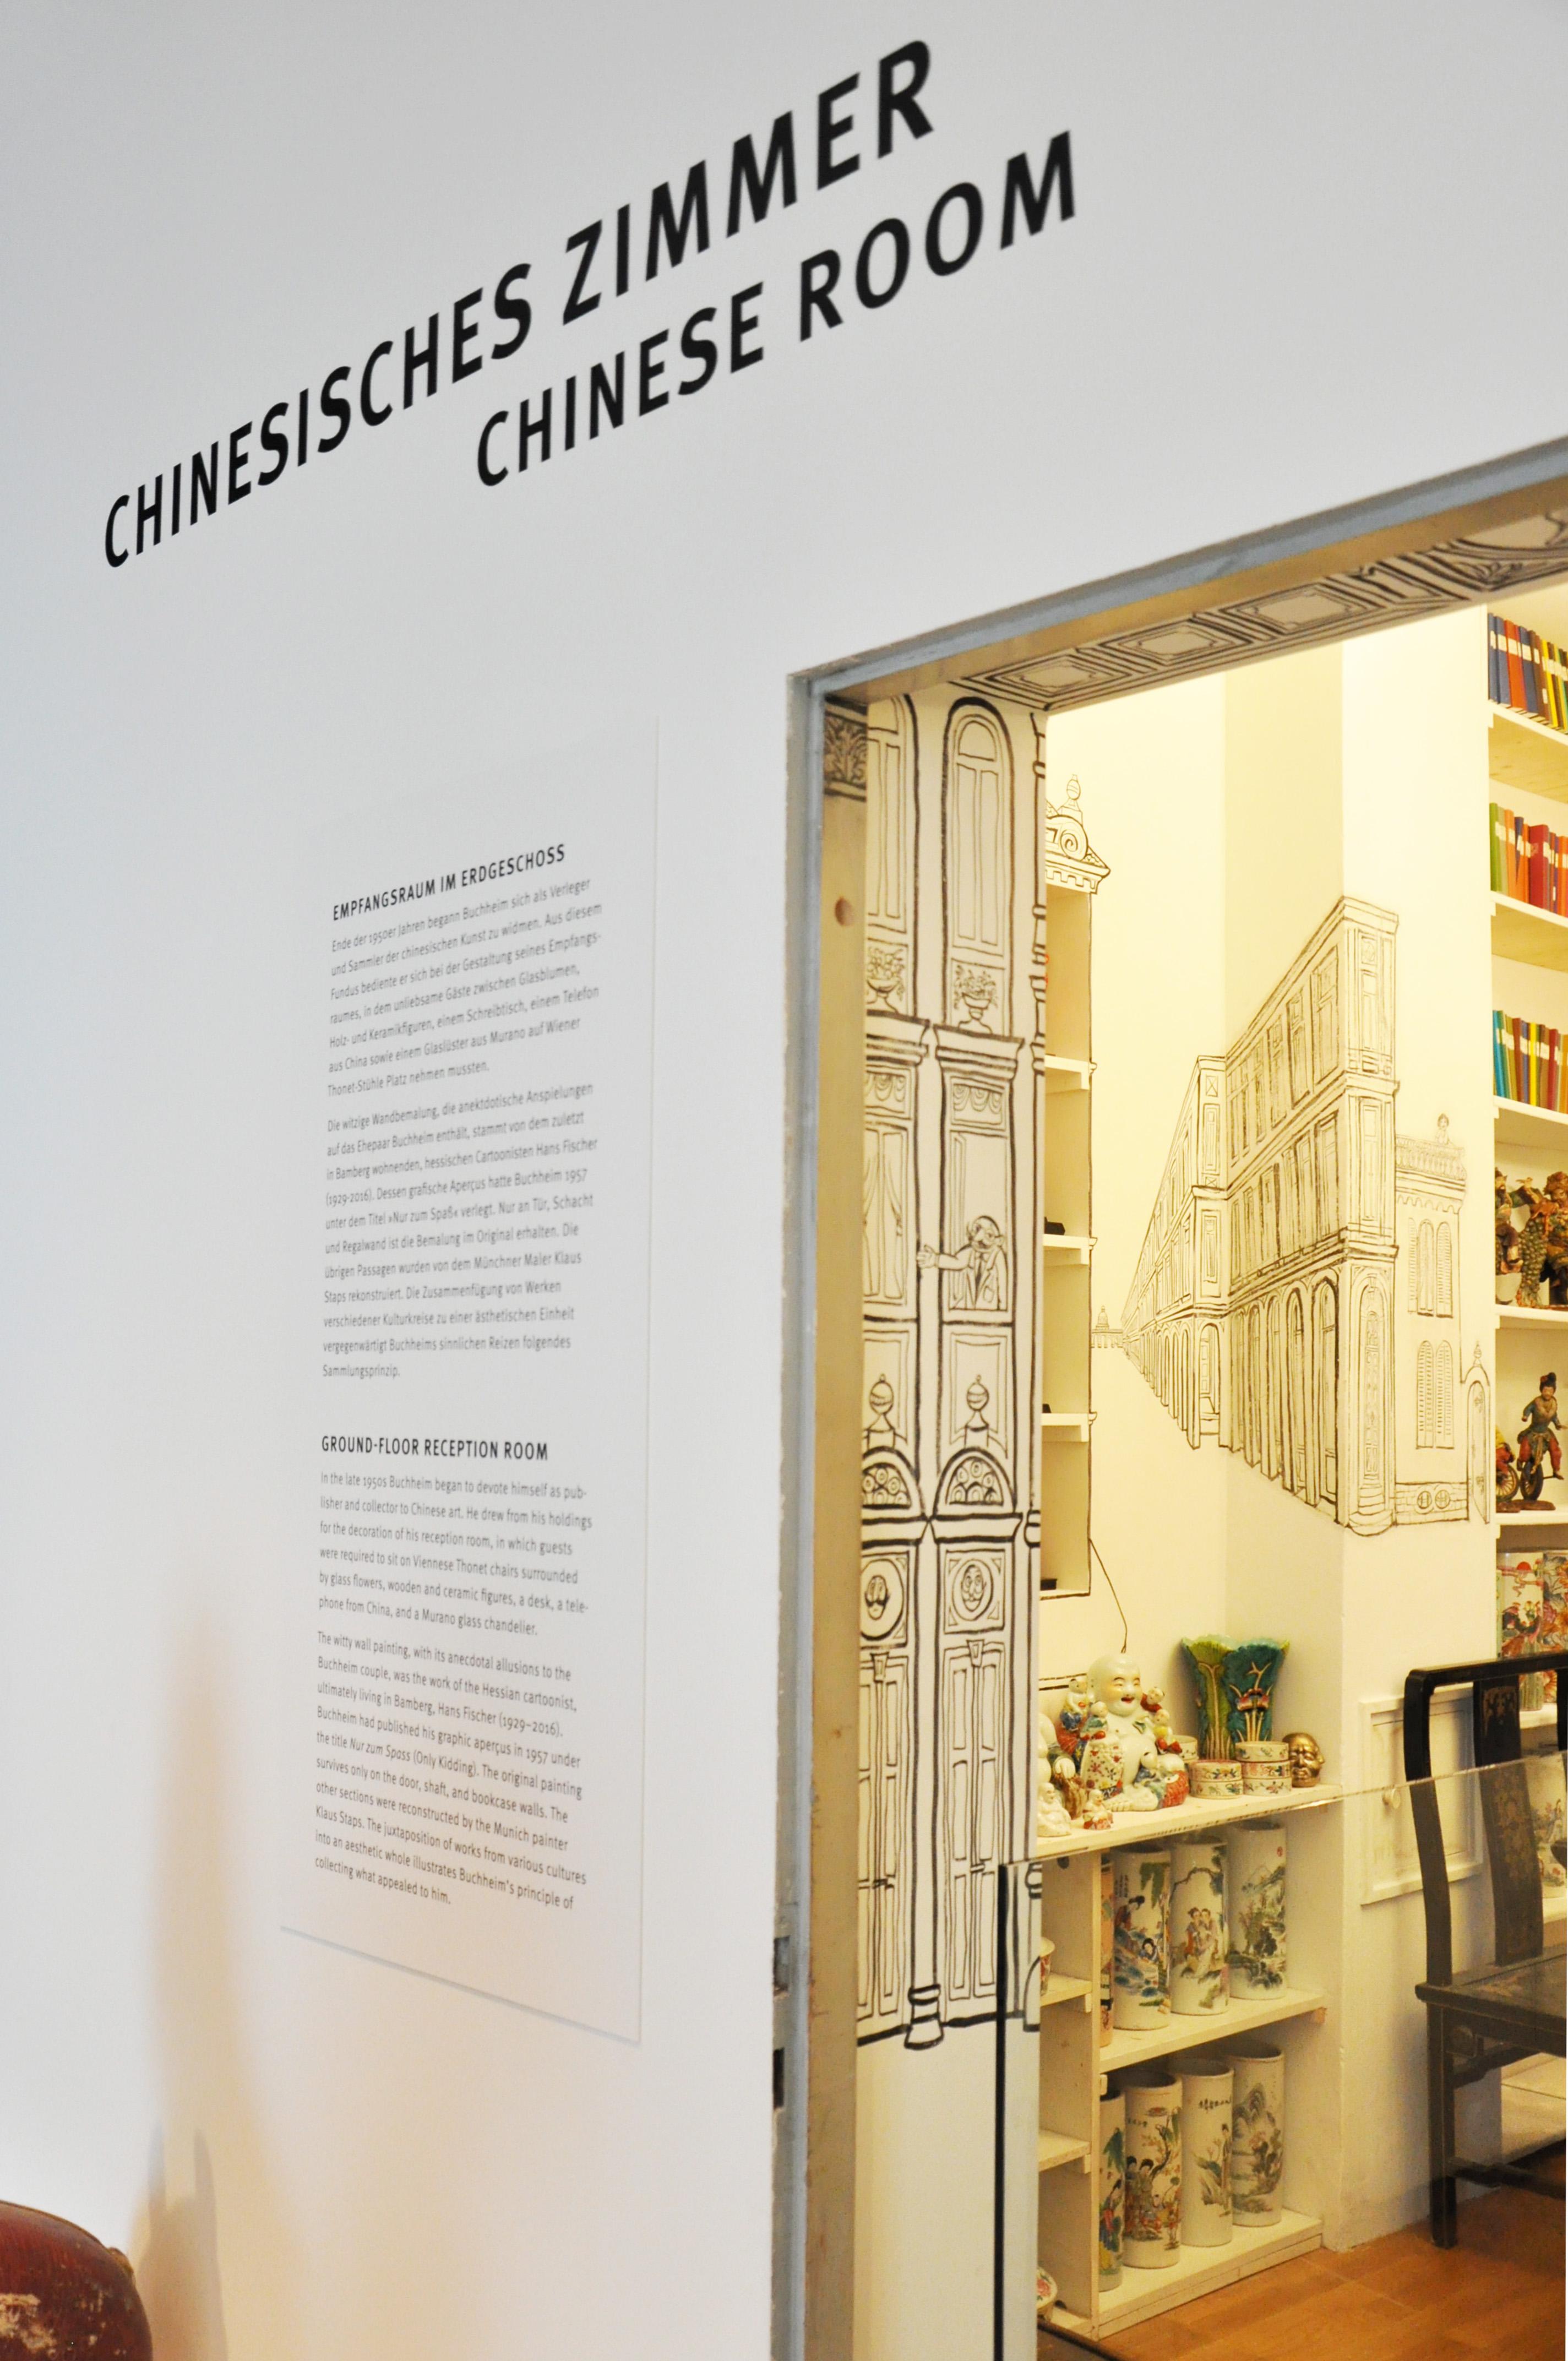 Buchheim Museum chinesisches Zimmer